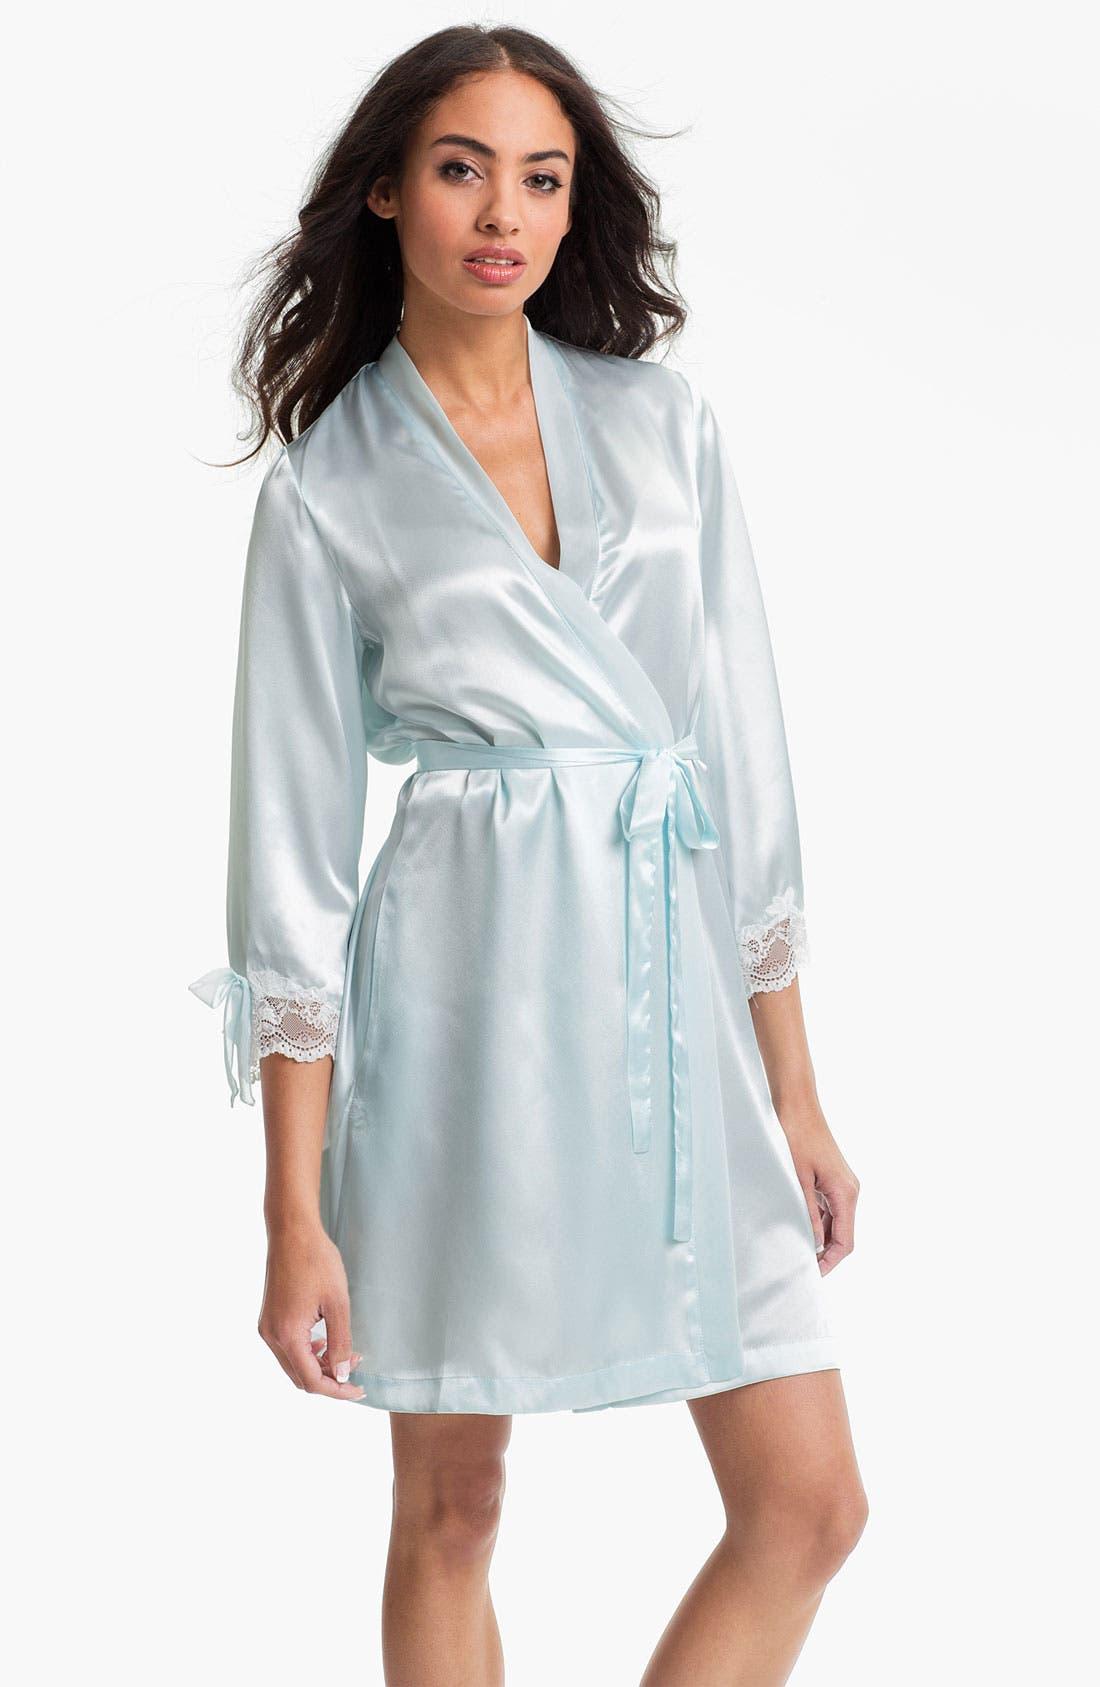 Alternate Image 1 Selected - Oscar de la Renta Sleepwear 'Lovely in Lace' Short Robe